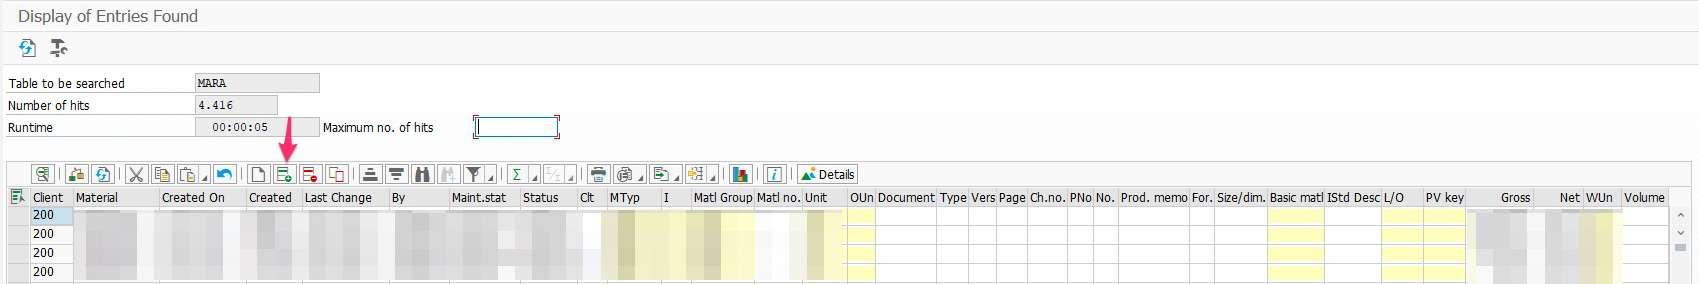 Eintrag in eine SAP Tabelle hinzufügen Transaktion MARA Beispiel